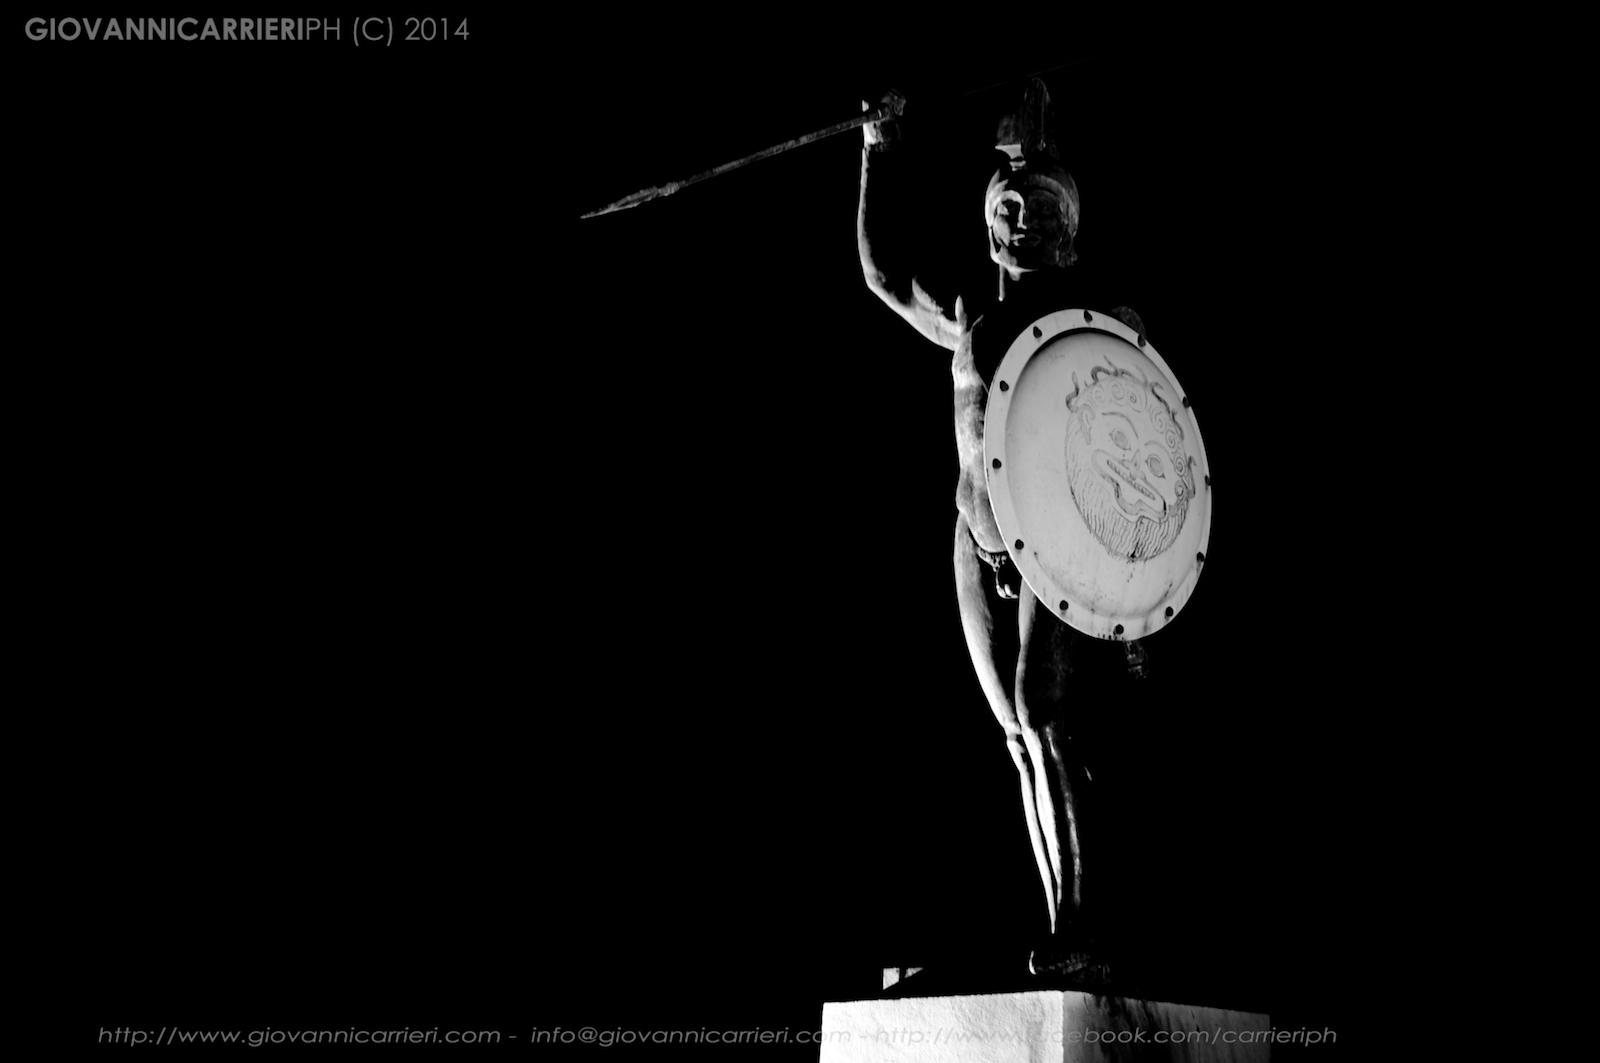 La statua di Leonida alle Termopili, vista notturna